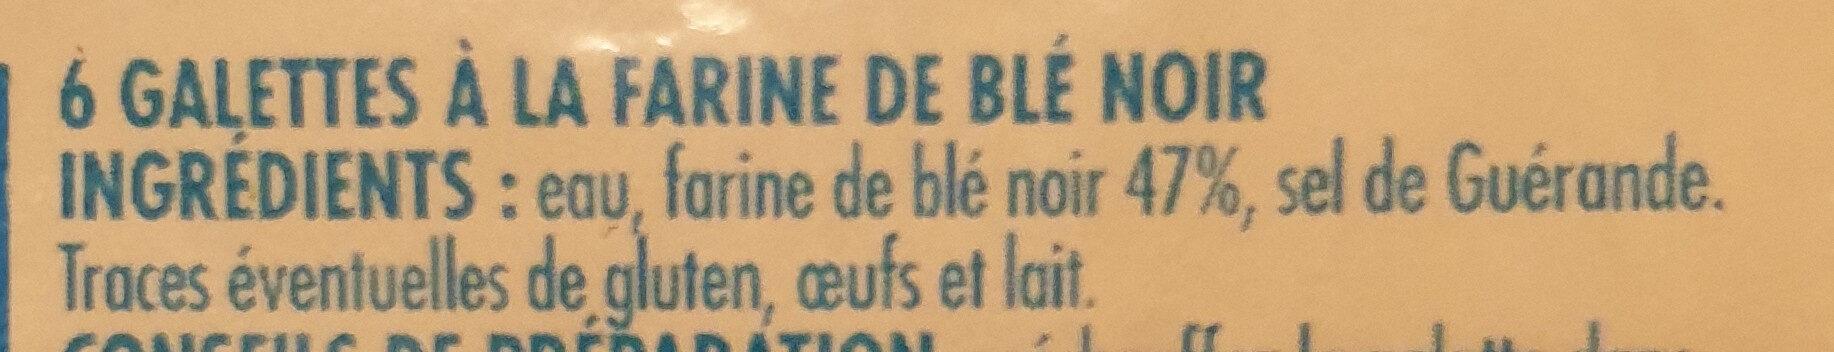 Galettes farine de blé noir - Ingredients - fr